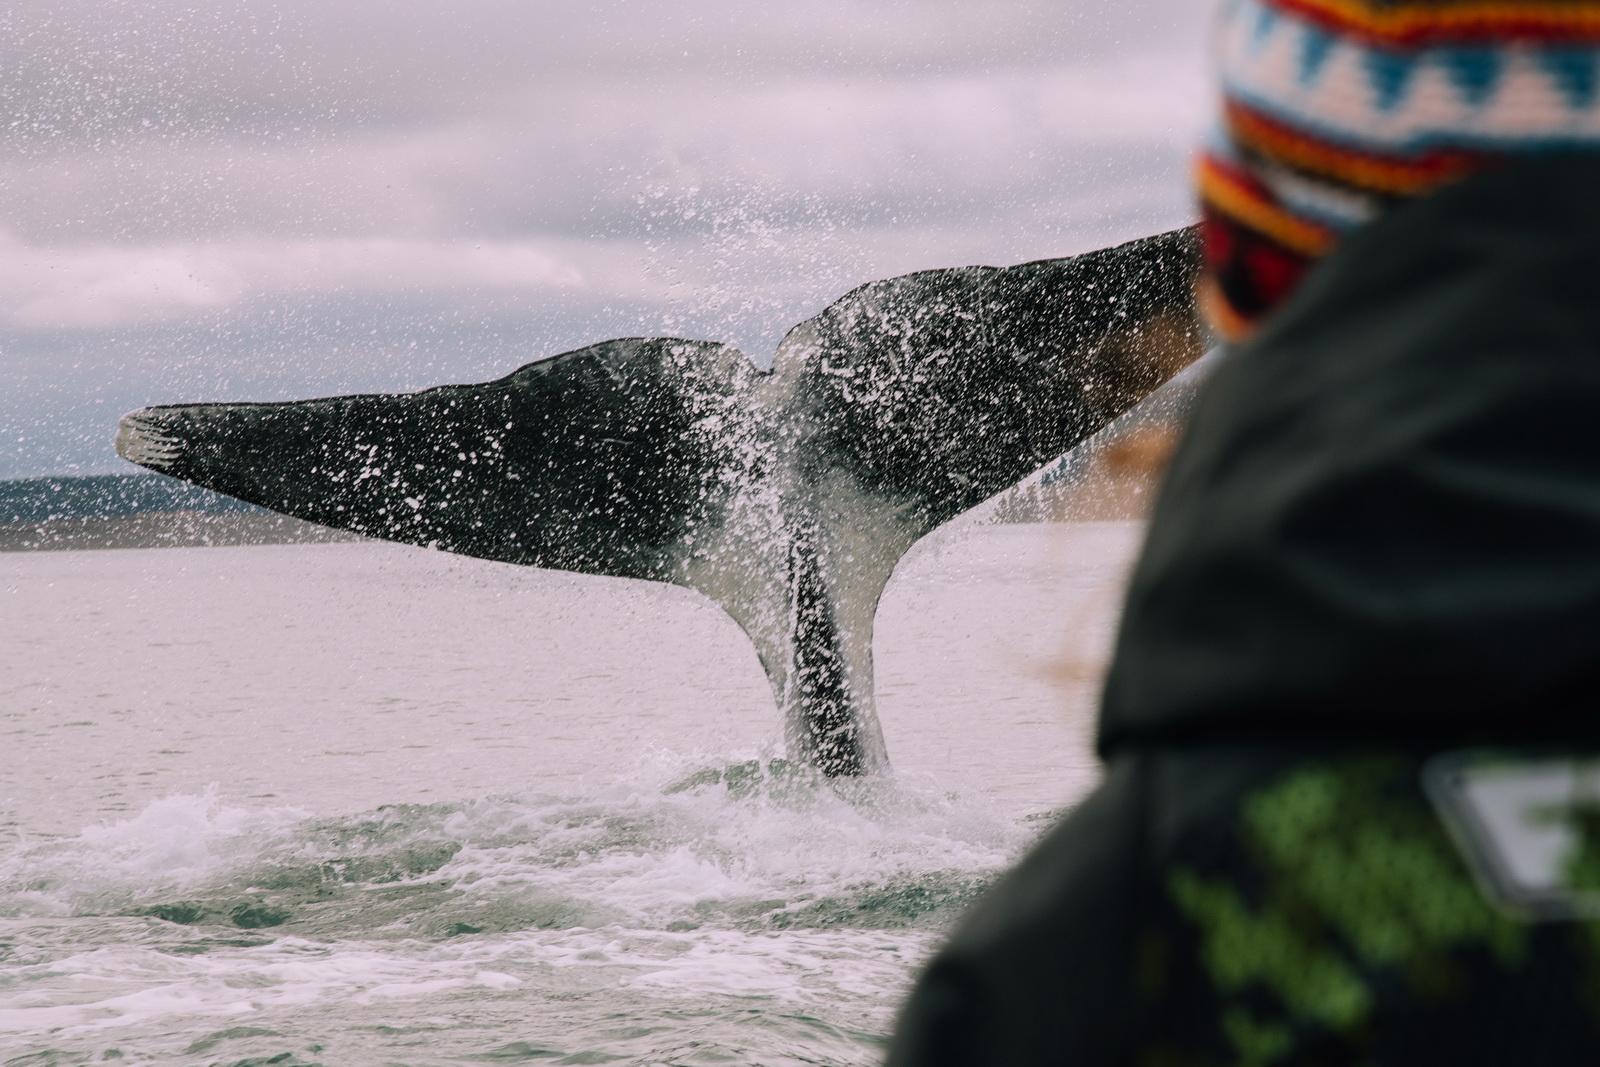 Гренландский кит бъёт хвостом (бухта Онгачан, Шантарские острова, автор Григорий Кубатьян)